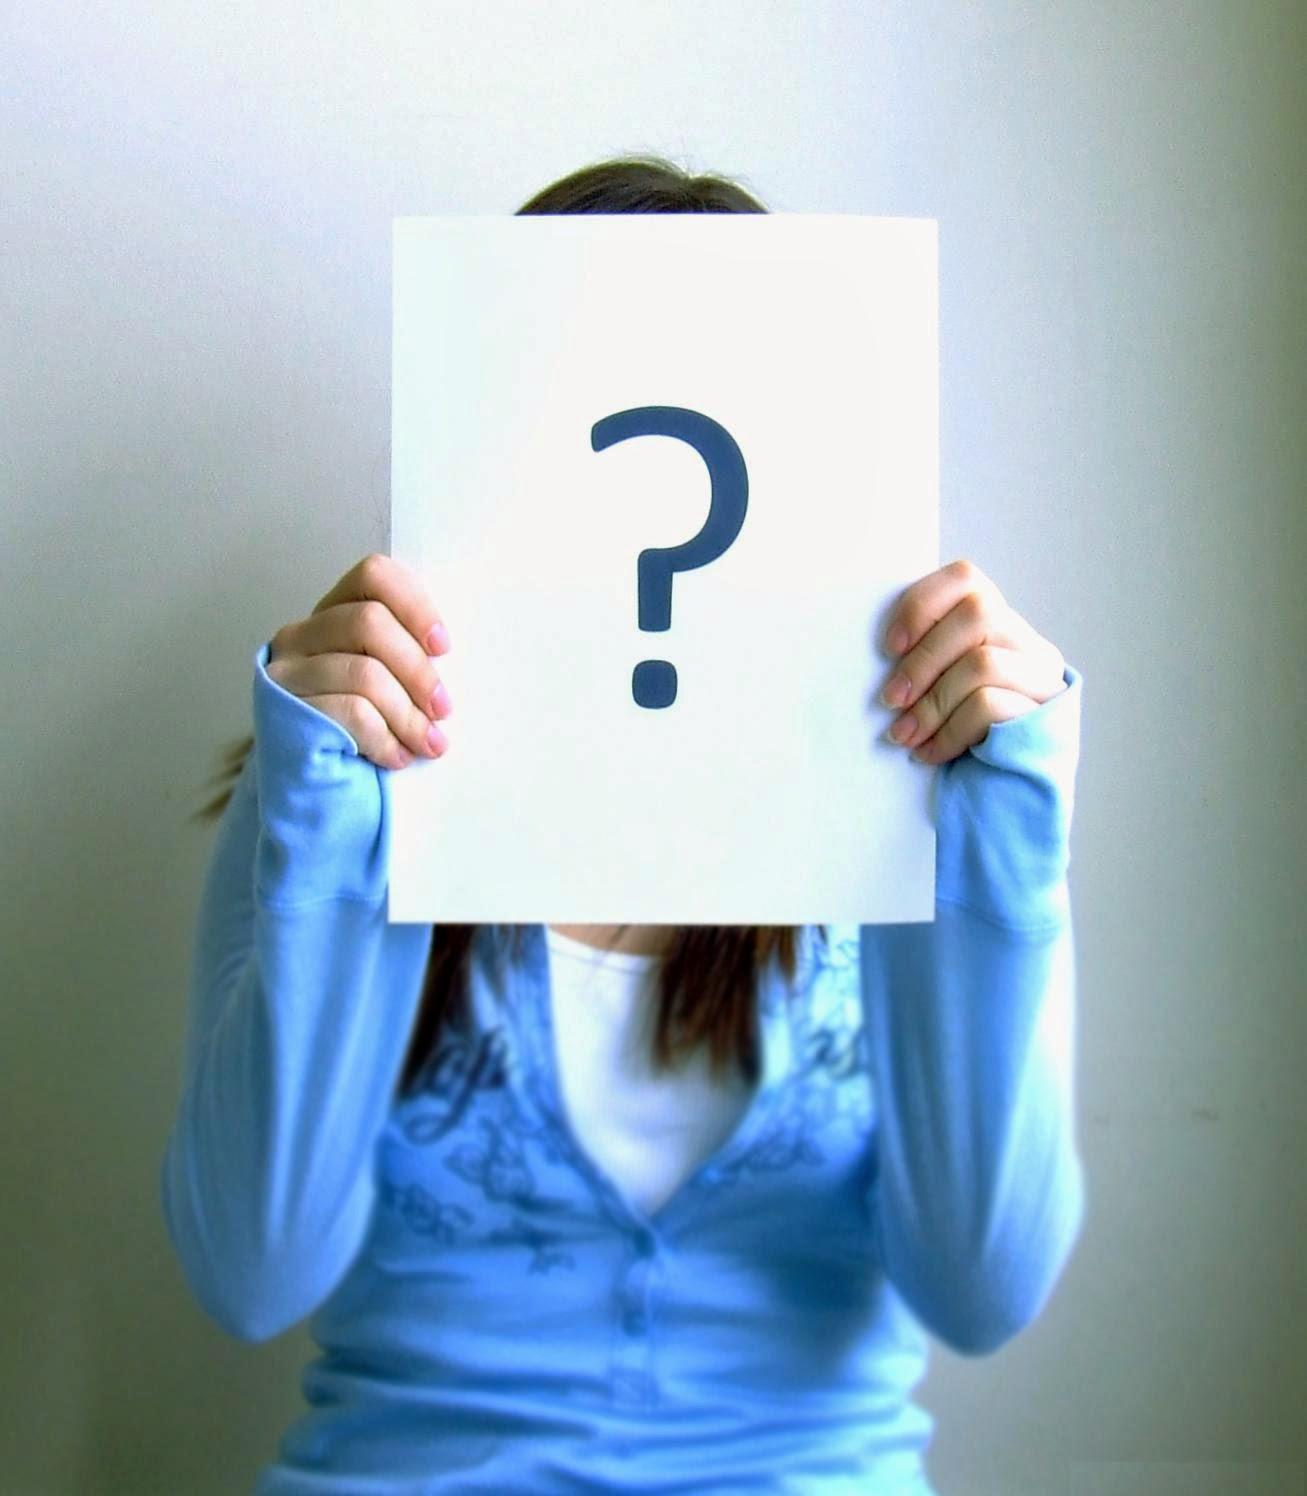 Как ответить на неприятный вопрос, Увильнуть от вопроса, Как выходить из неудобных ситуаций, Избегать неприятных вопросов